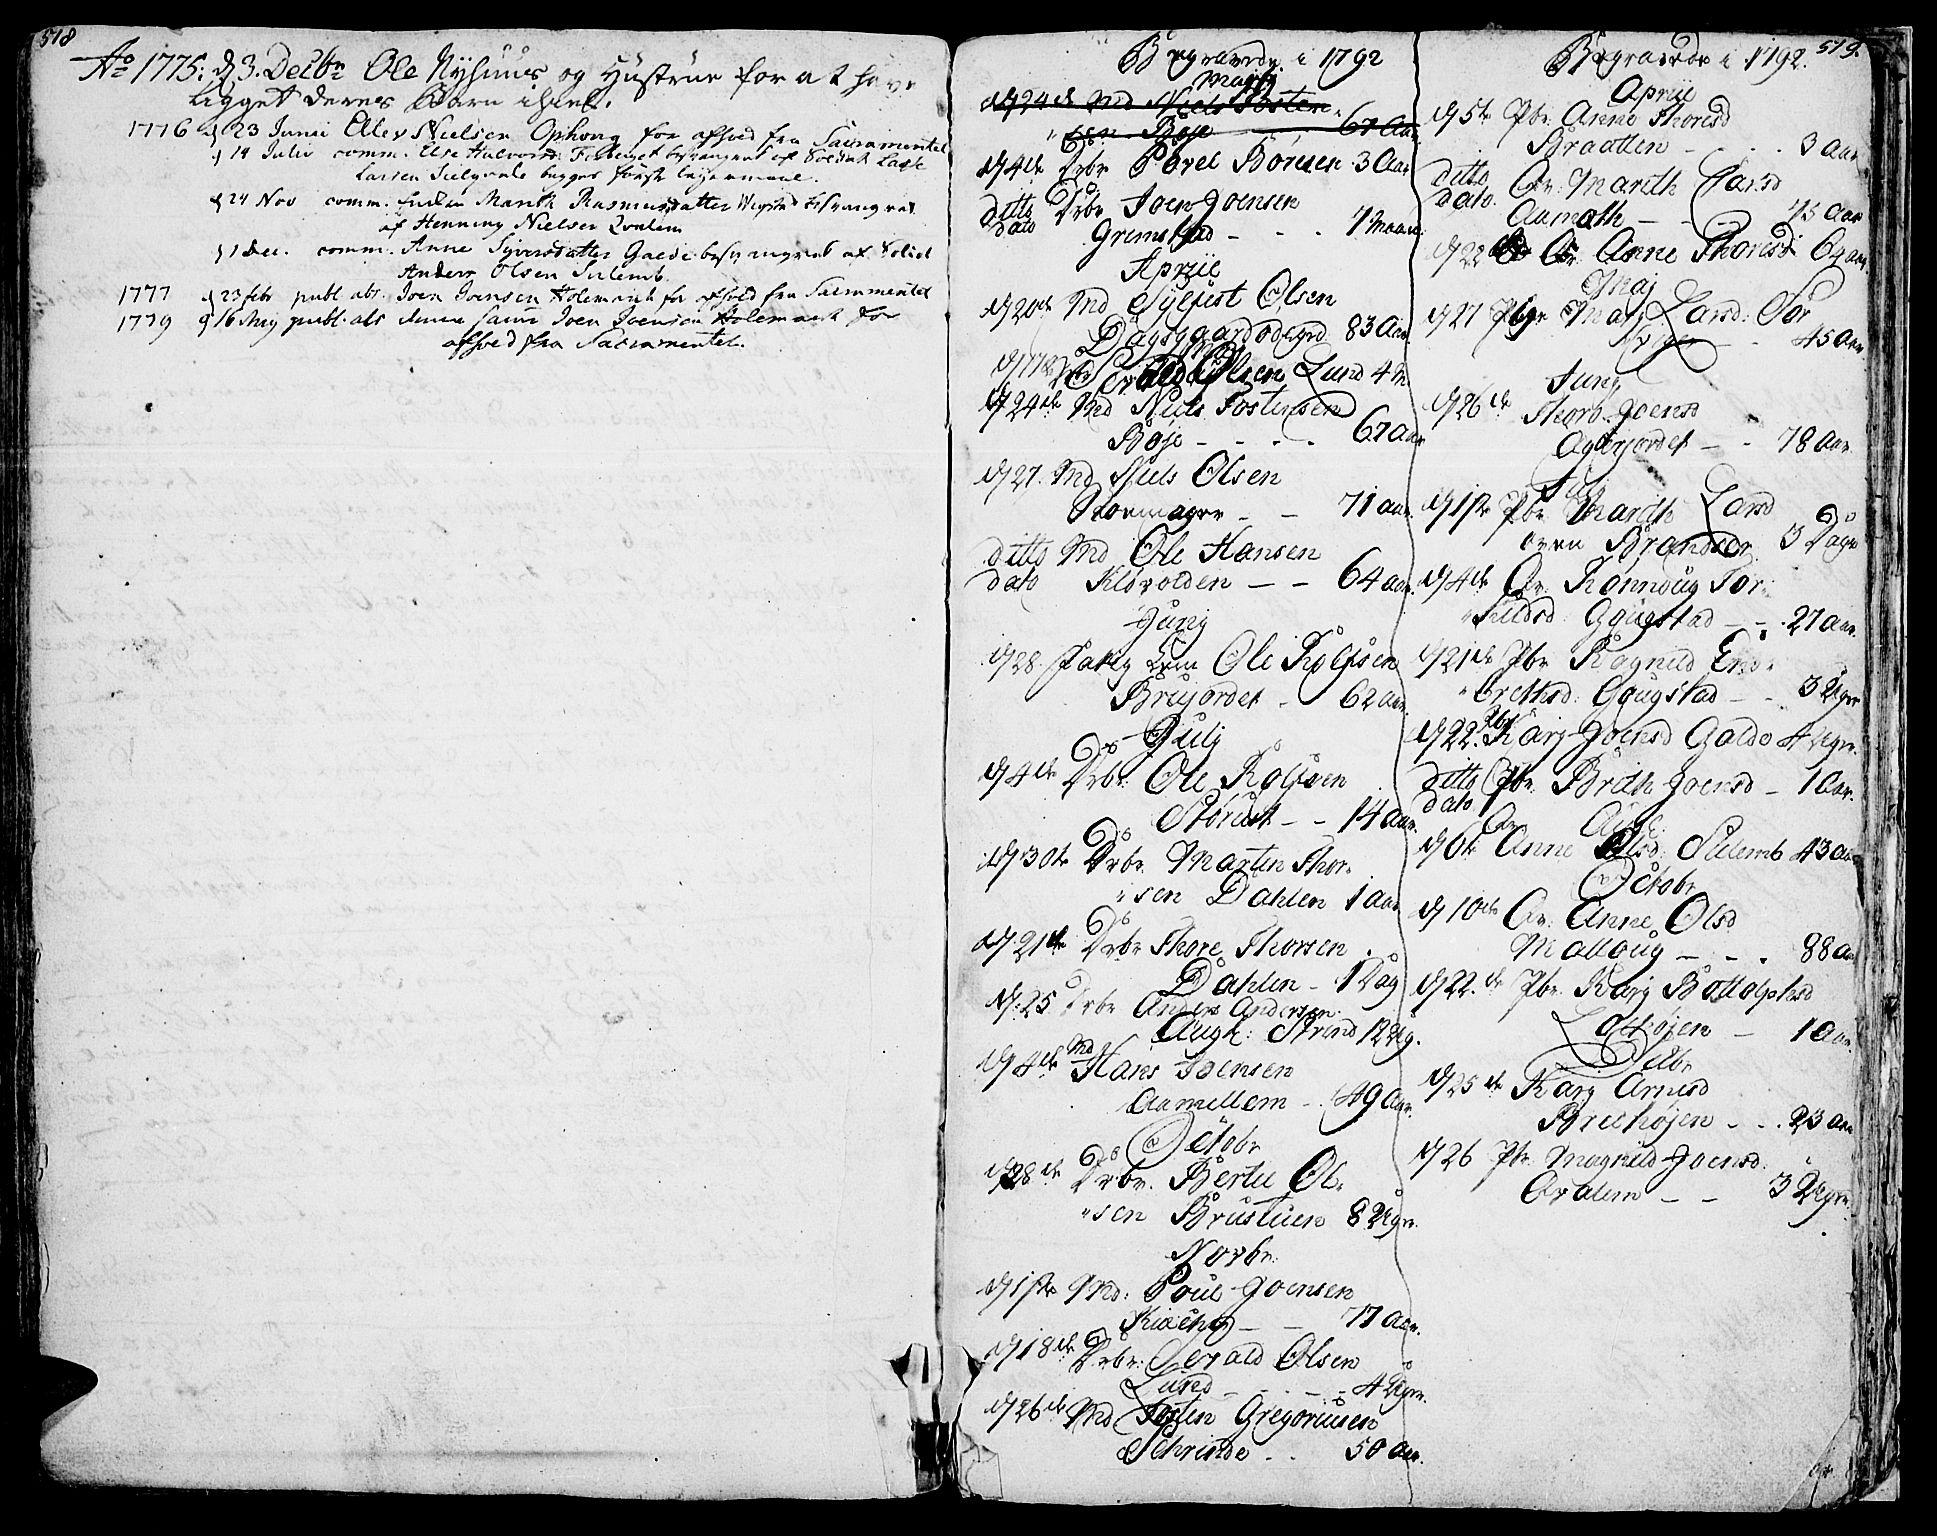 SAH, Lom prestekontor, K/L0002: Ministerialbok nr. 2, 1749-1801, s. 518-519